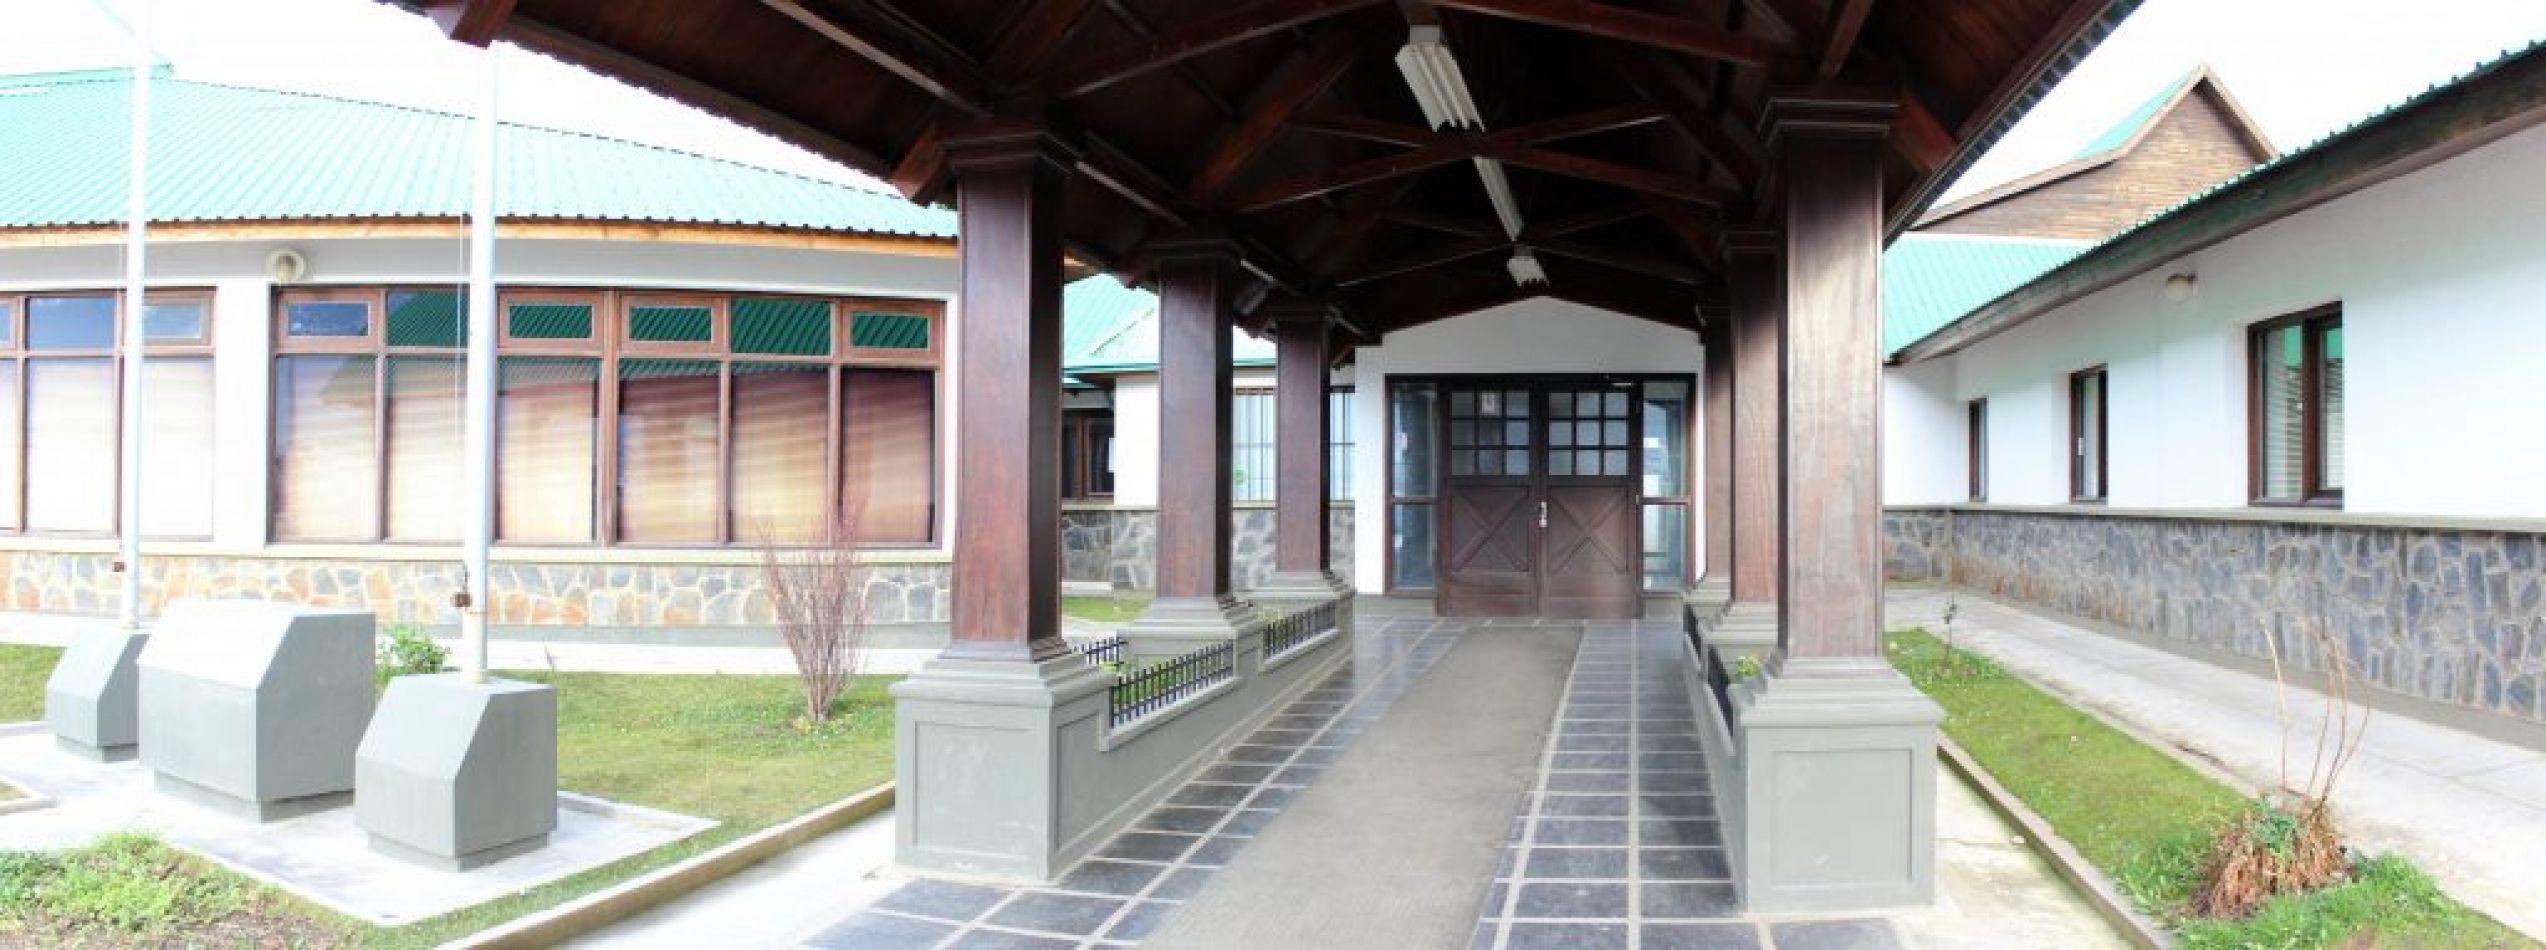 Tribunales Ushuaia